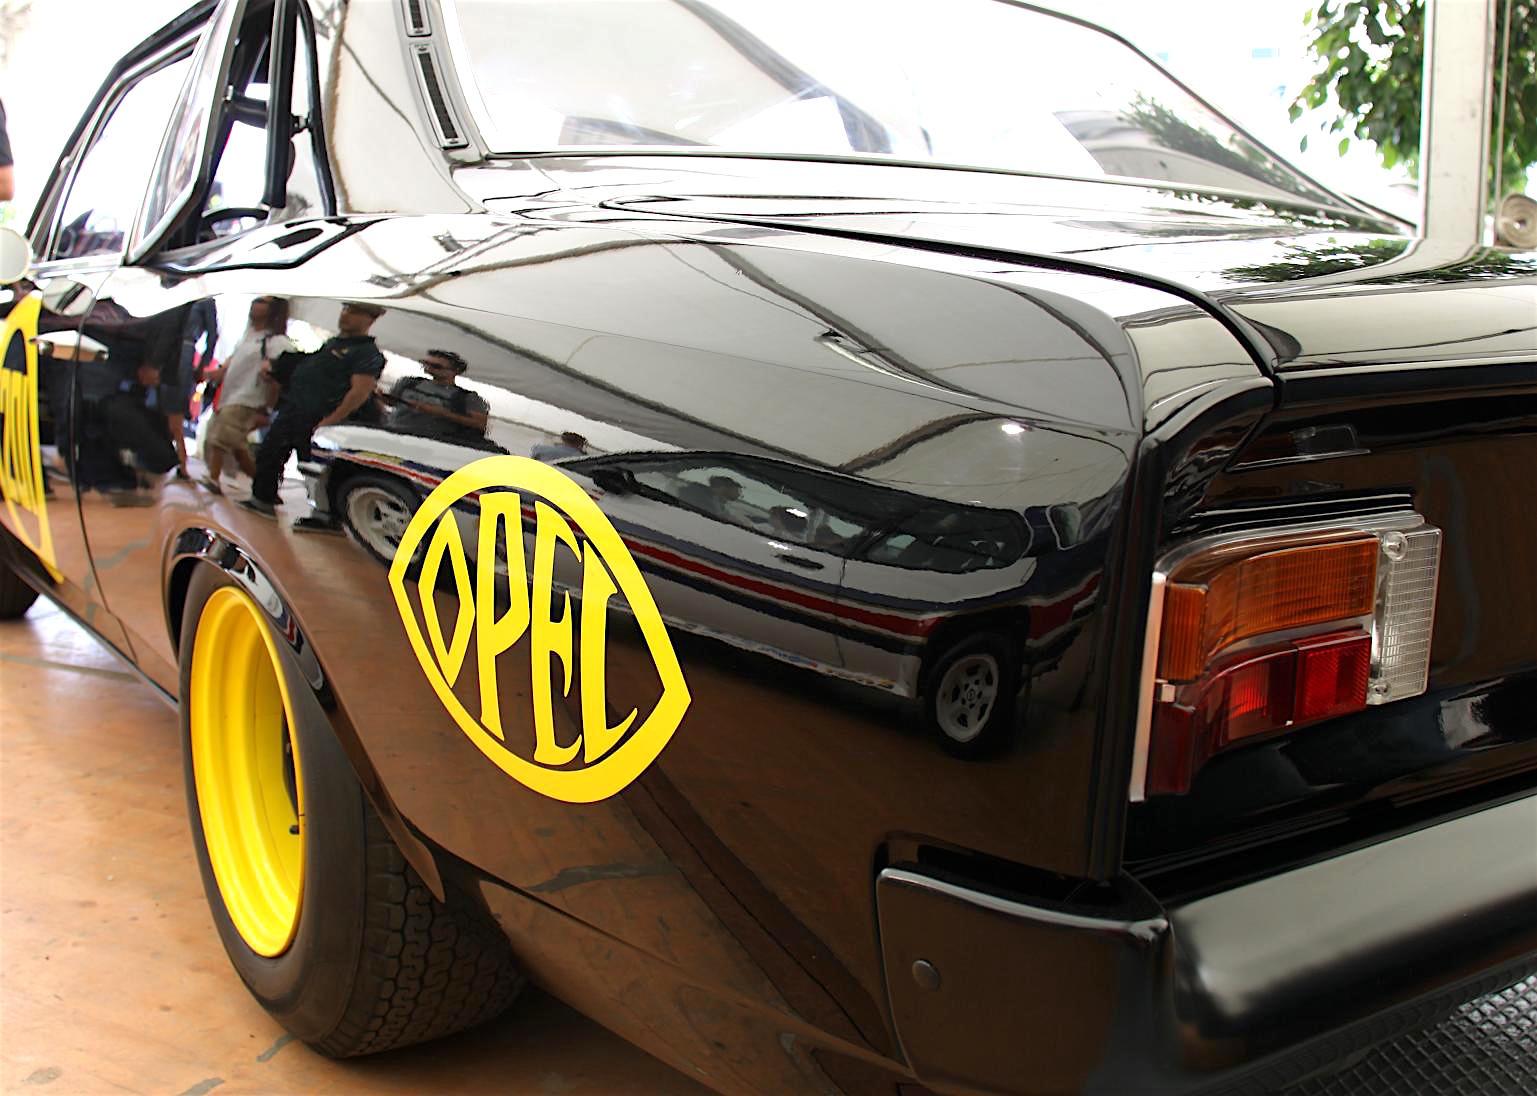 Schnell, stark, schwarz – schüchterne Zurückhaltung gehört nicht zu den Attributen der Schwarzen Witwe von Opel.